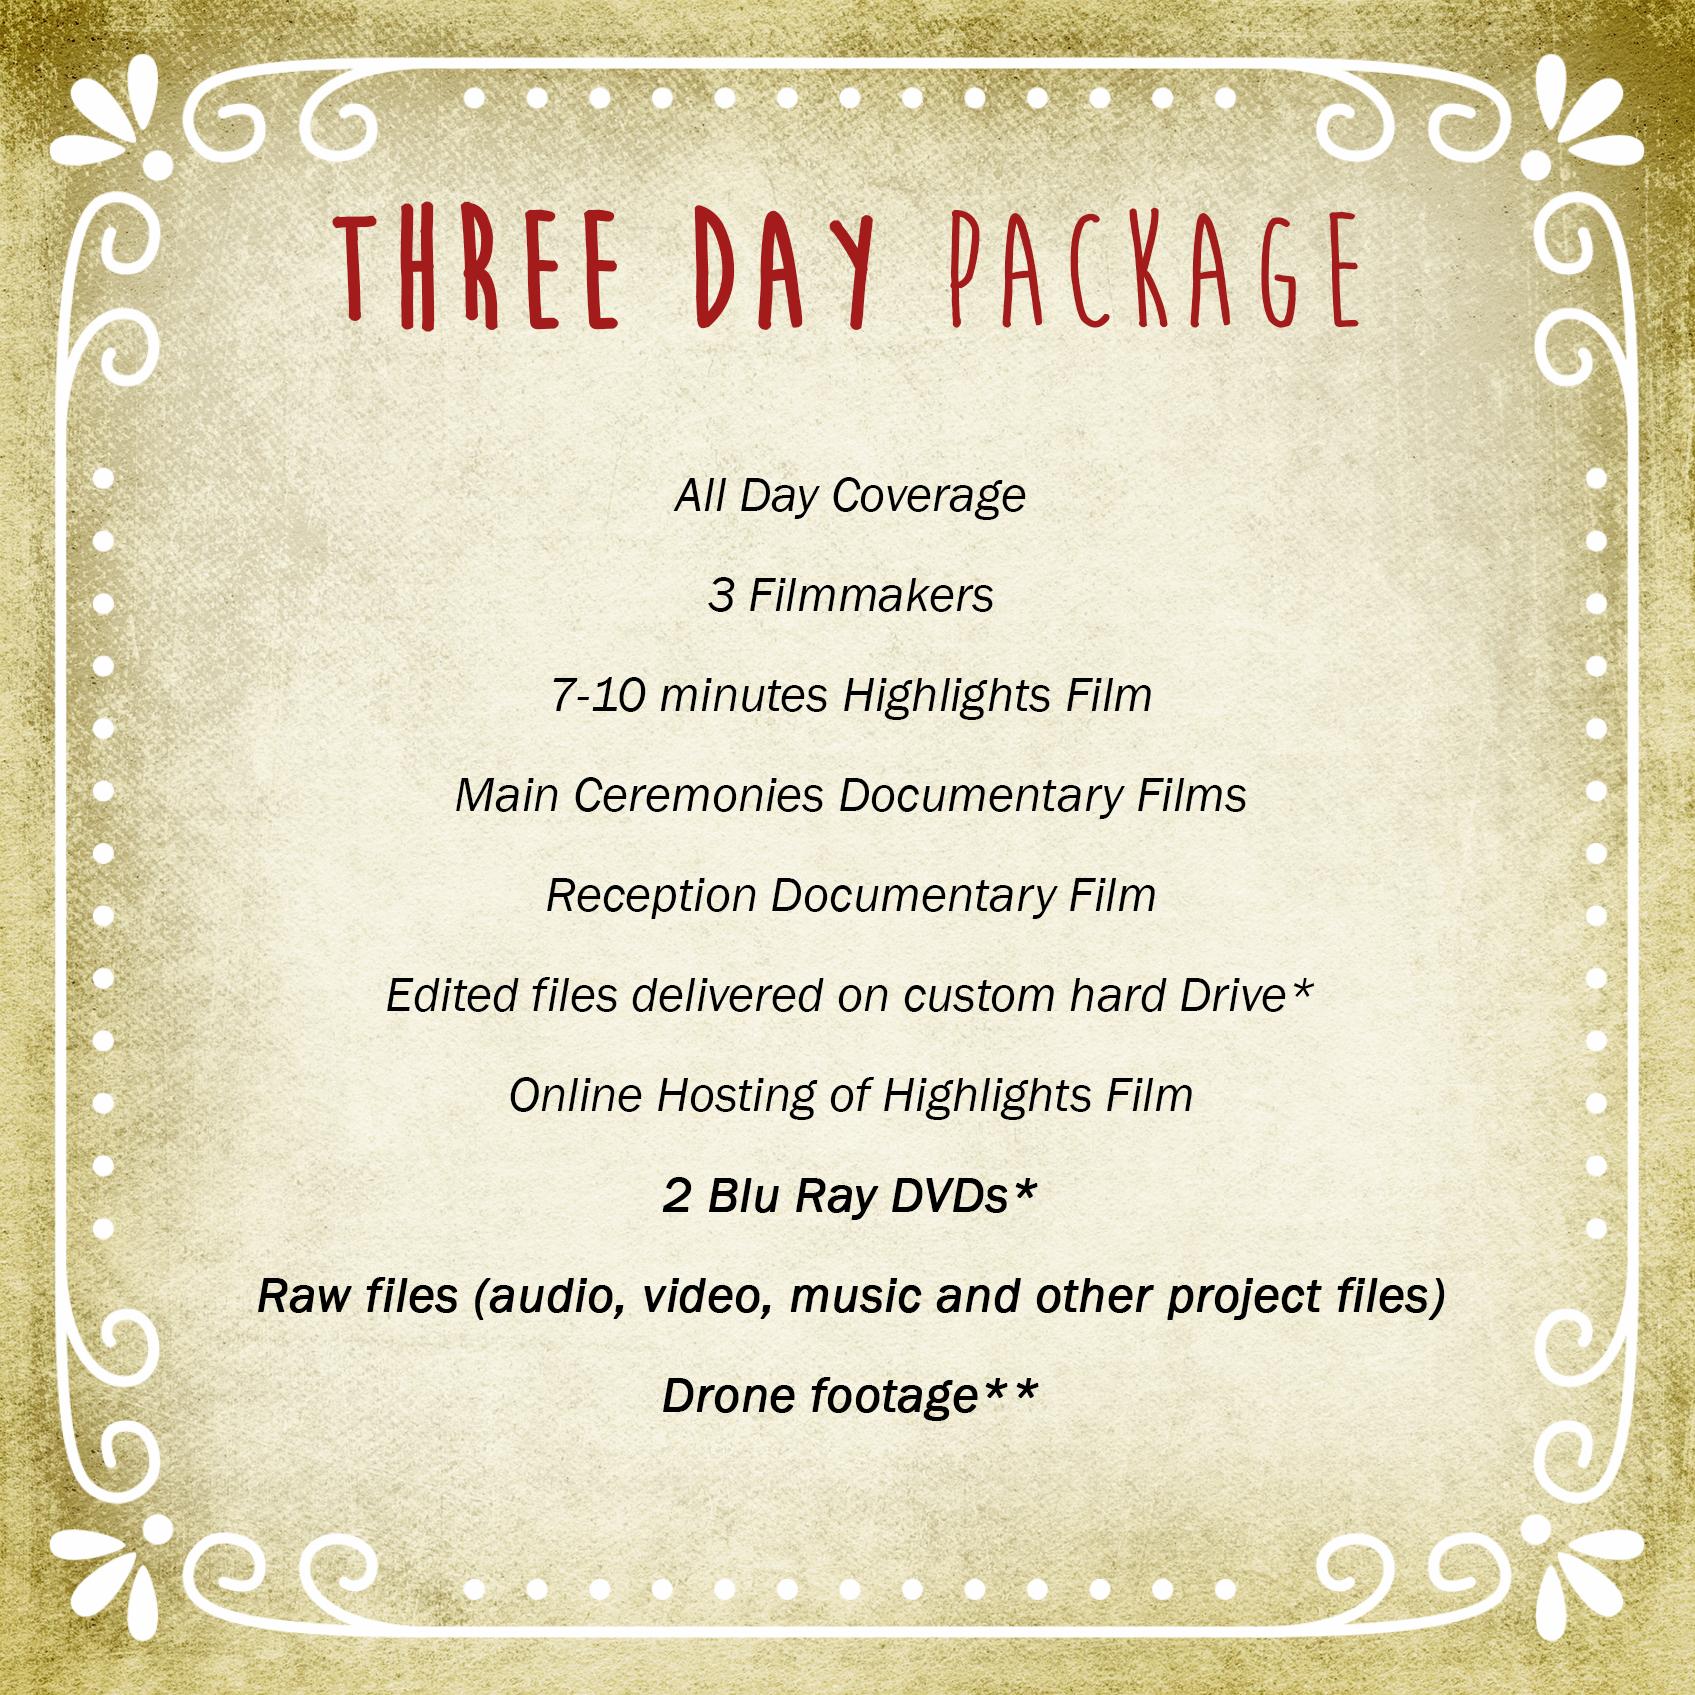 Three Day Package | Vimage Weddings